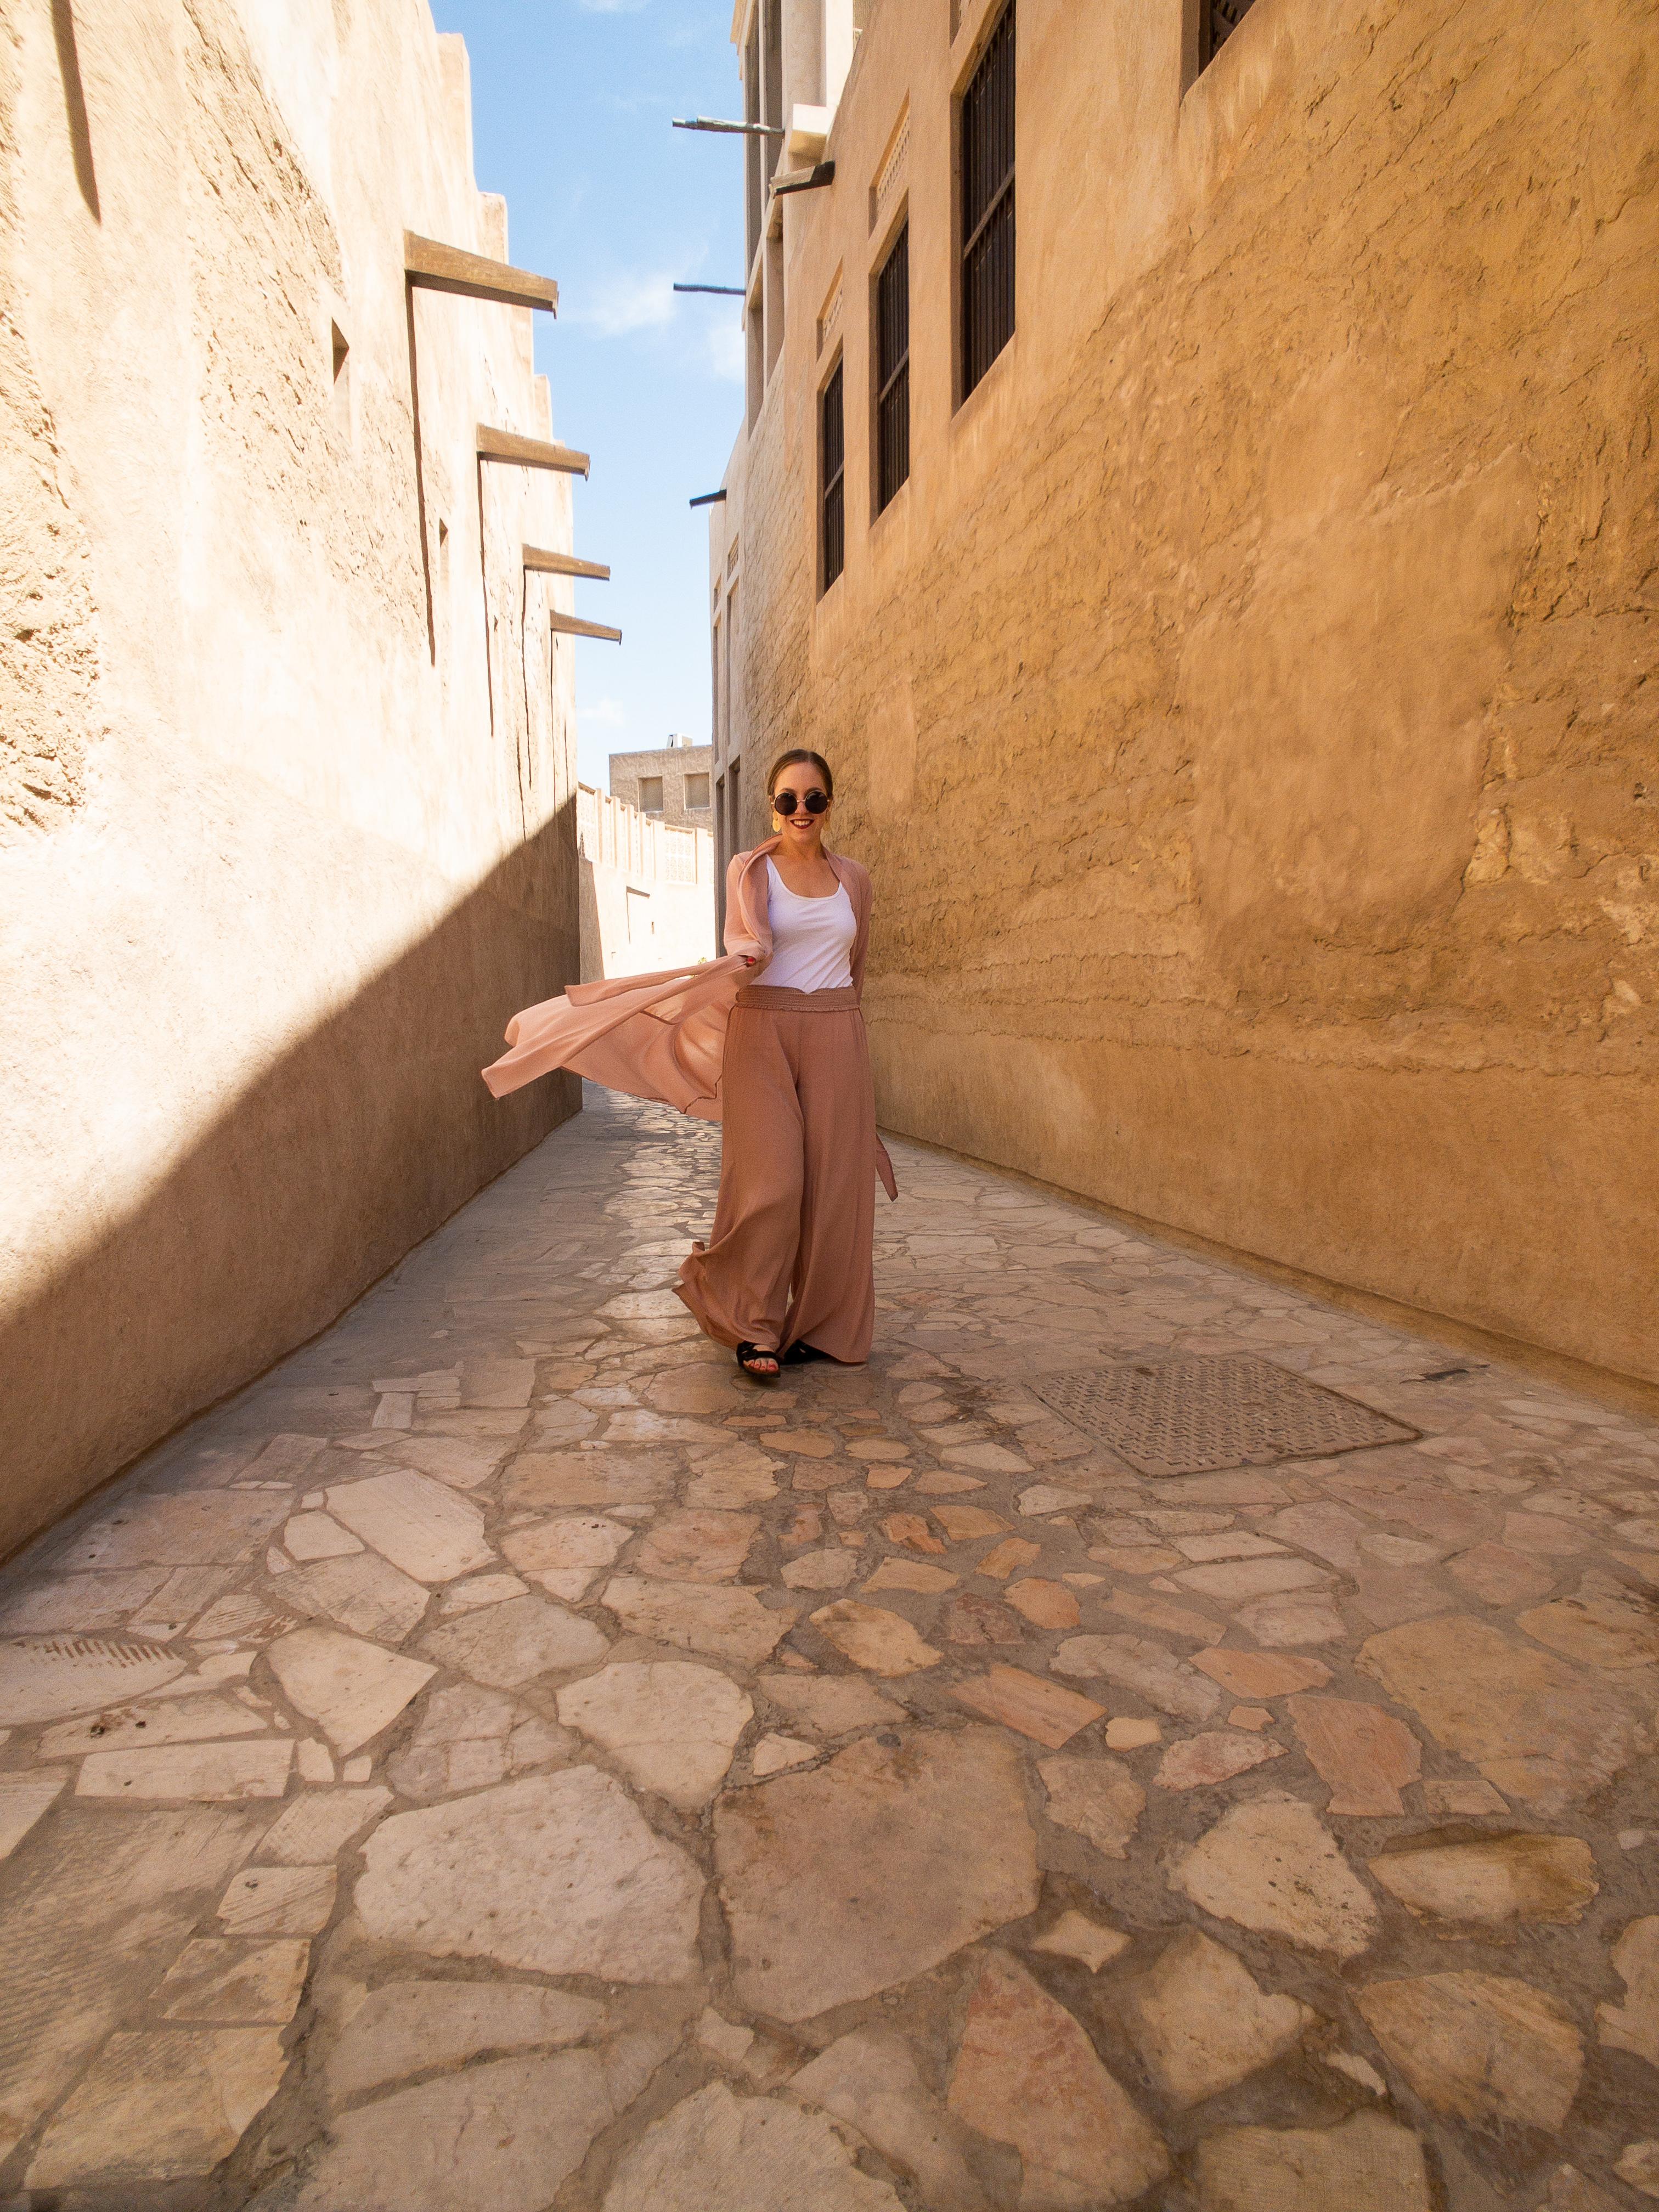 Dubai Old Town Al Fahidi Historic District | What to Wear in Dubai